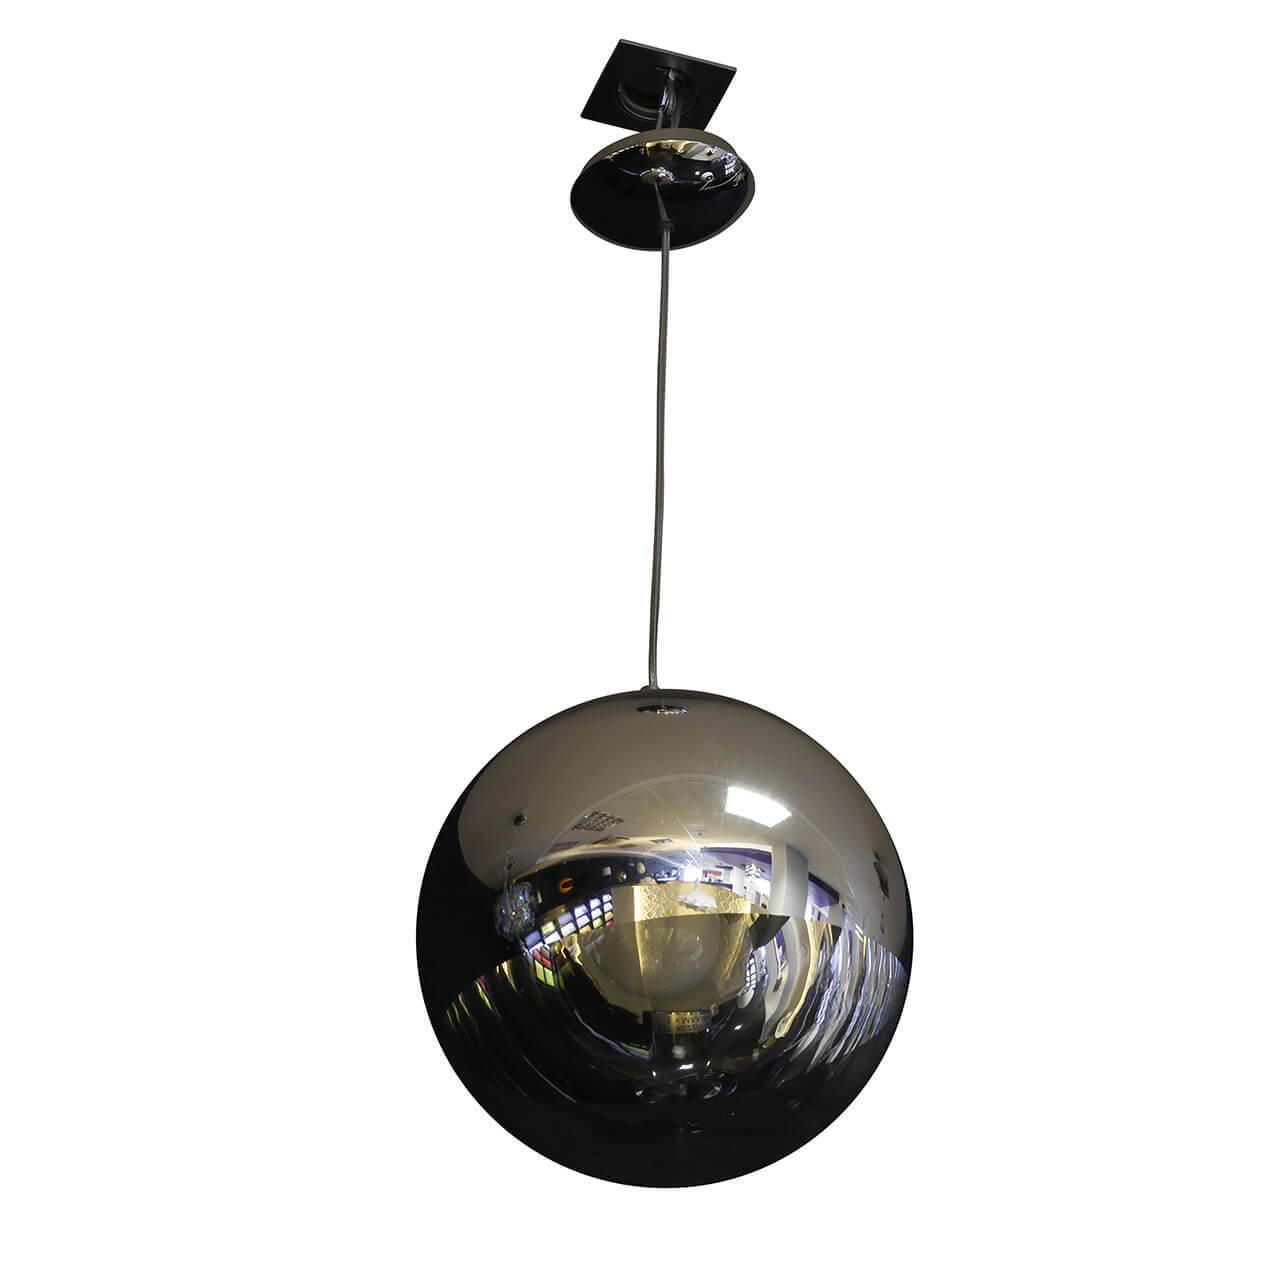 Светильник Artpole 001096 Raumschiff подвесной светильник artpole stille 001116